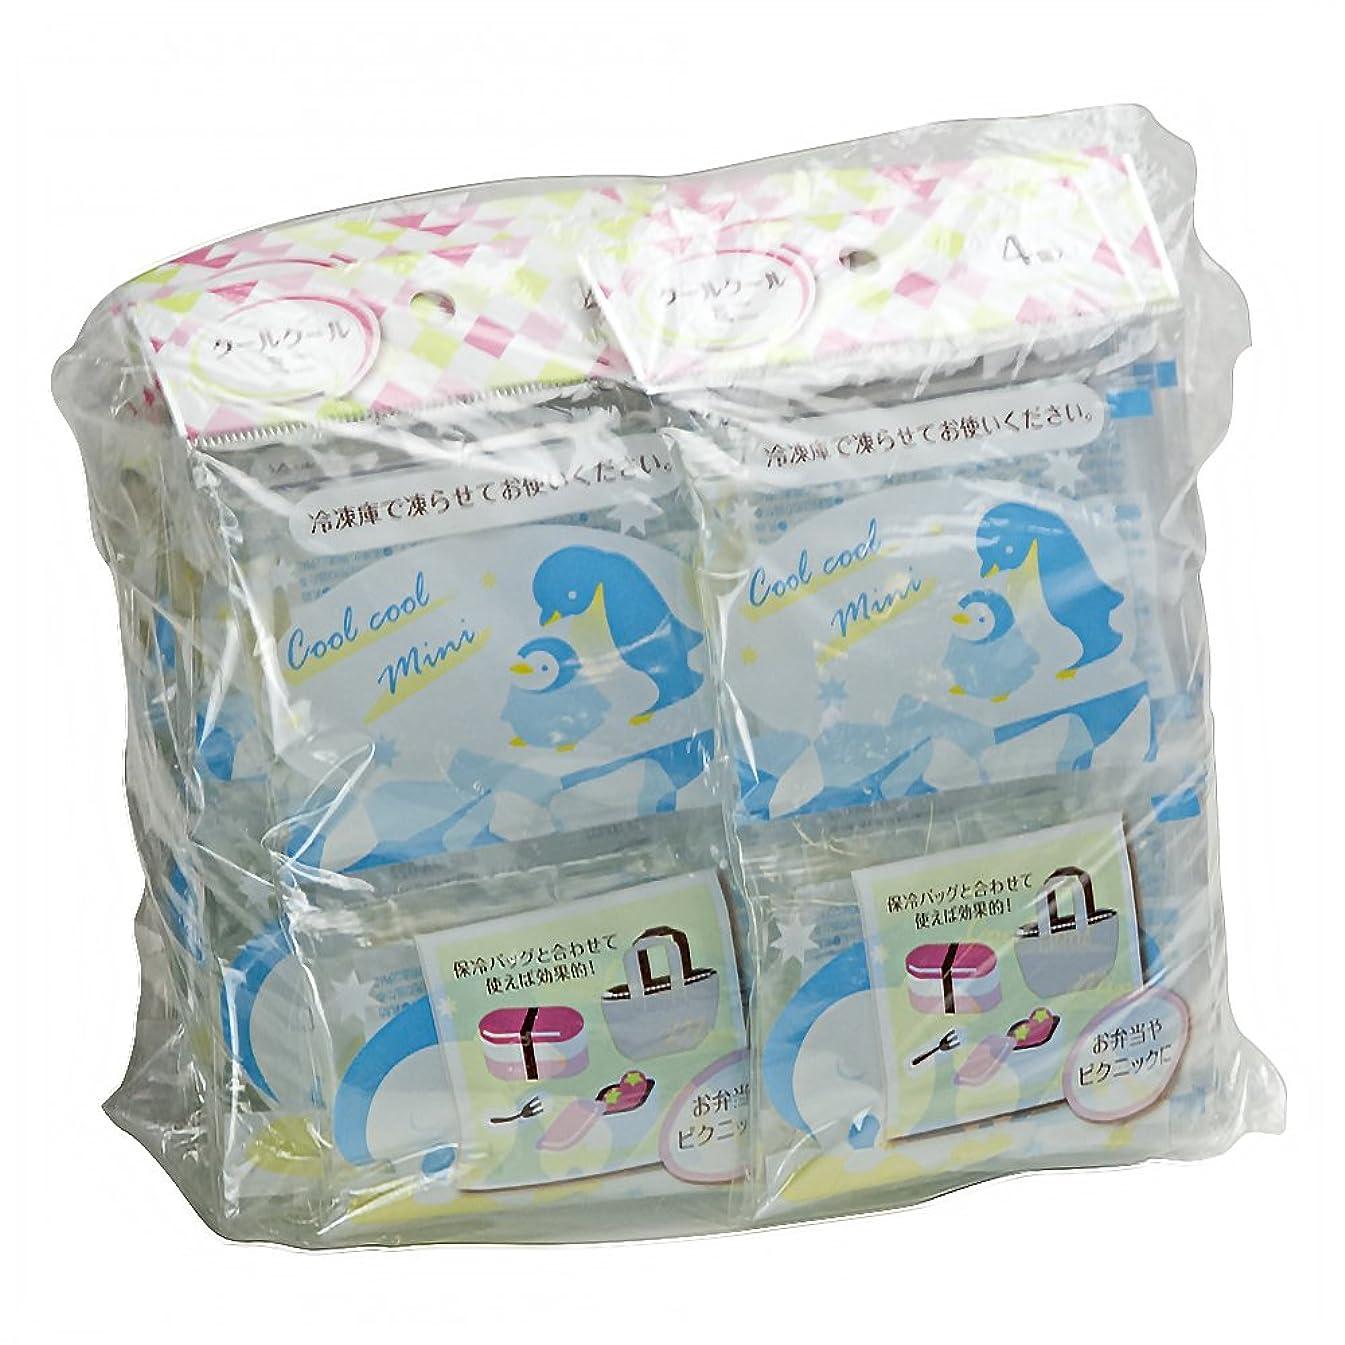 確認してくださいハードウェアバリースリムタイプ保冷剤 ペットボトルやお弁当箱にジャストサイズ クールダウン 保冷剤 ひんやりクールジェル(冷凍庫で凍らせて使用) 3セット